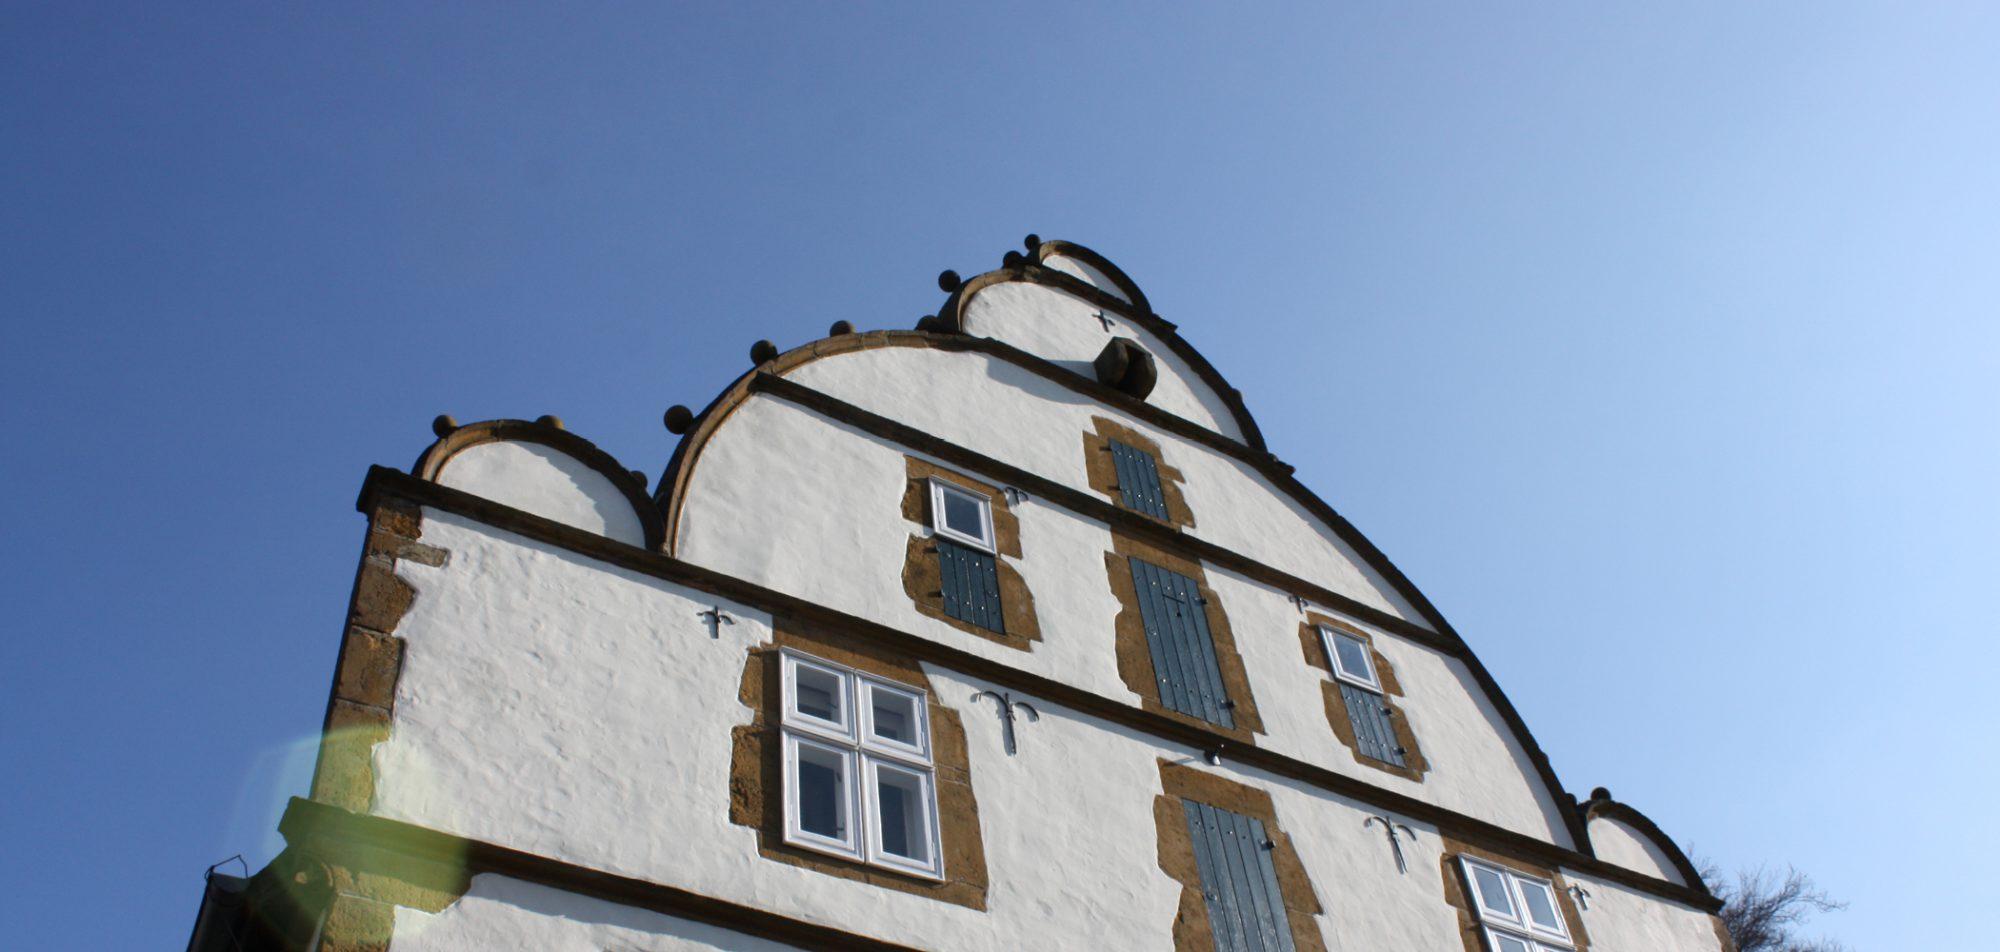 Spiegelshof Fassade